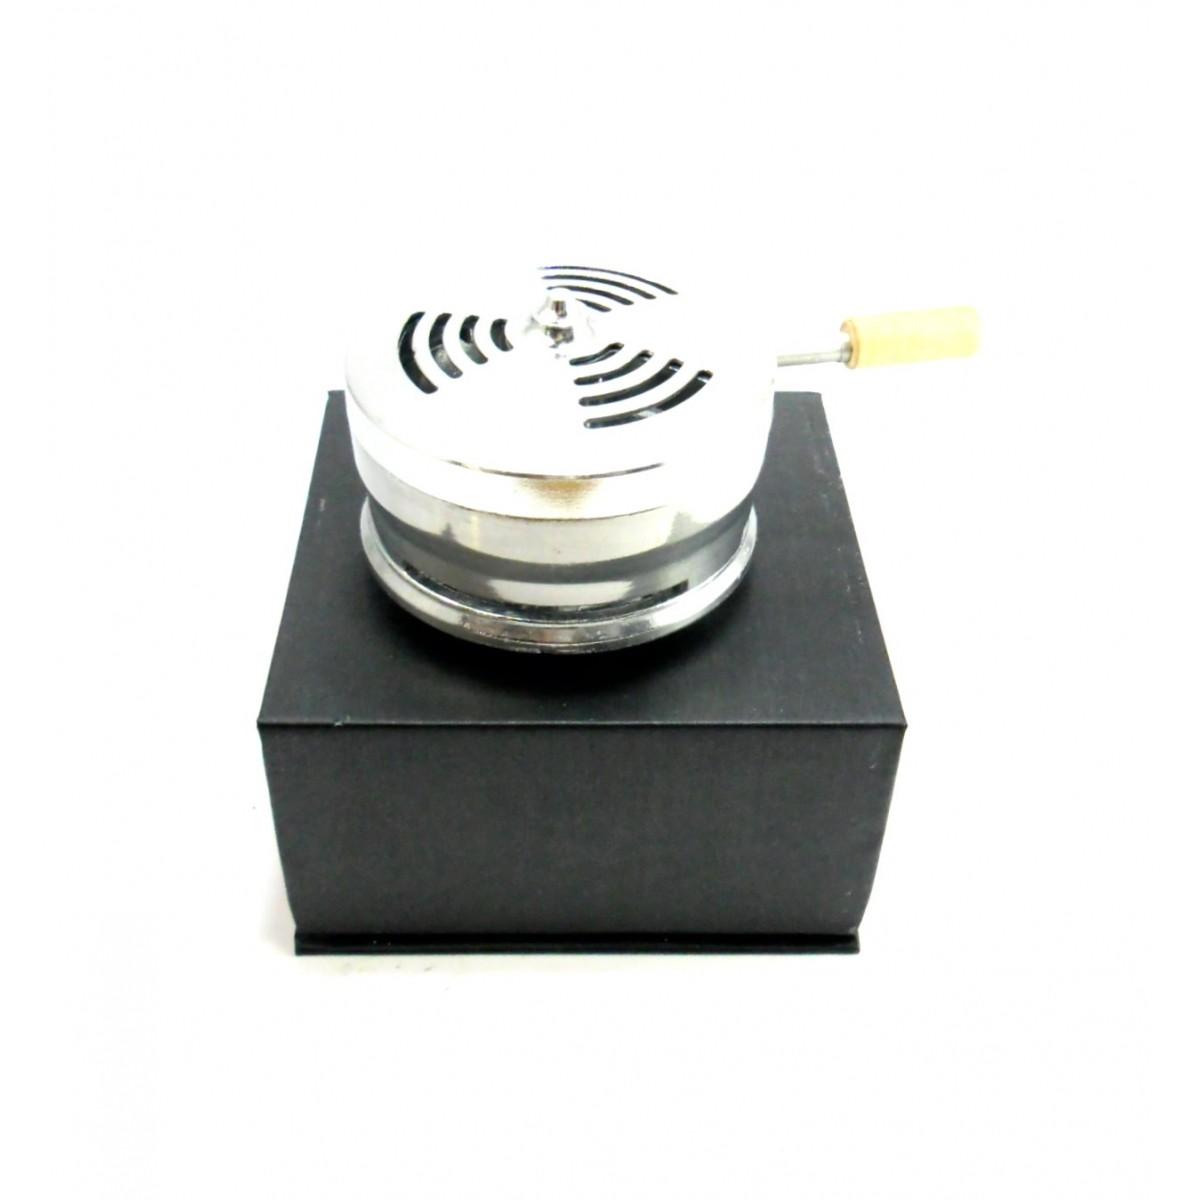 Controlador de calor LOTUS BOWL em alumínio, grande 4,0cm altura, 7,5cm diâmetro.